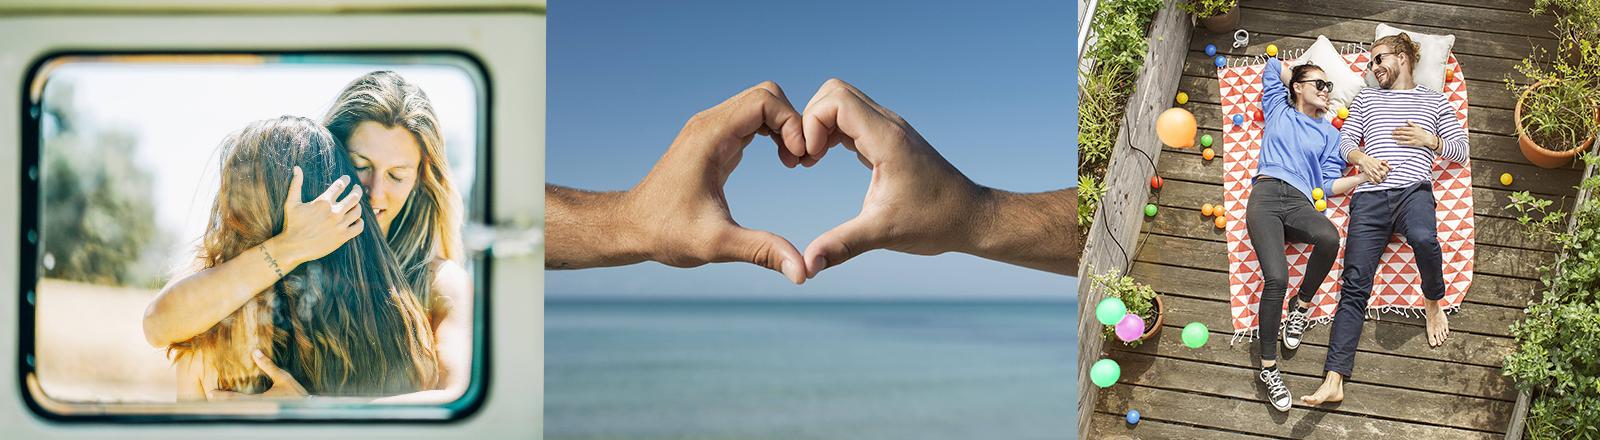 Ein lesbisches Paar umarmt sich an ein Auto gelehnt. Zwei Männerhände formen ein Herz. Eine Mann und eine Frau liegen aneinander geschmiegt auf einer Dachterrasse.